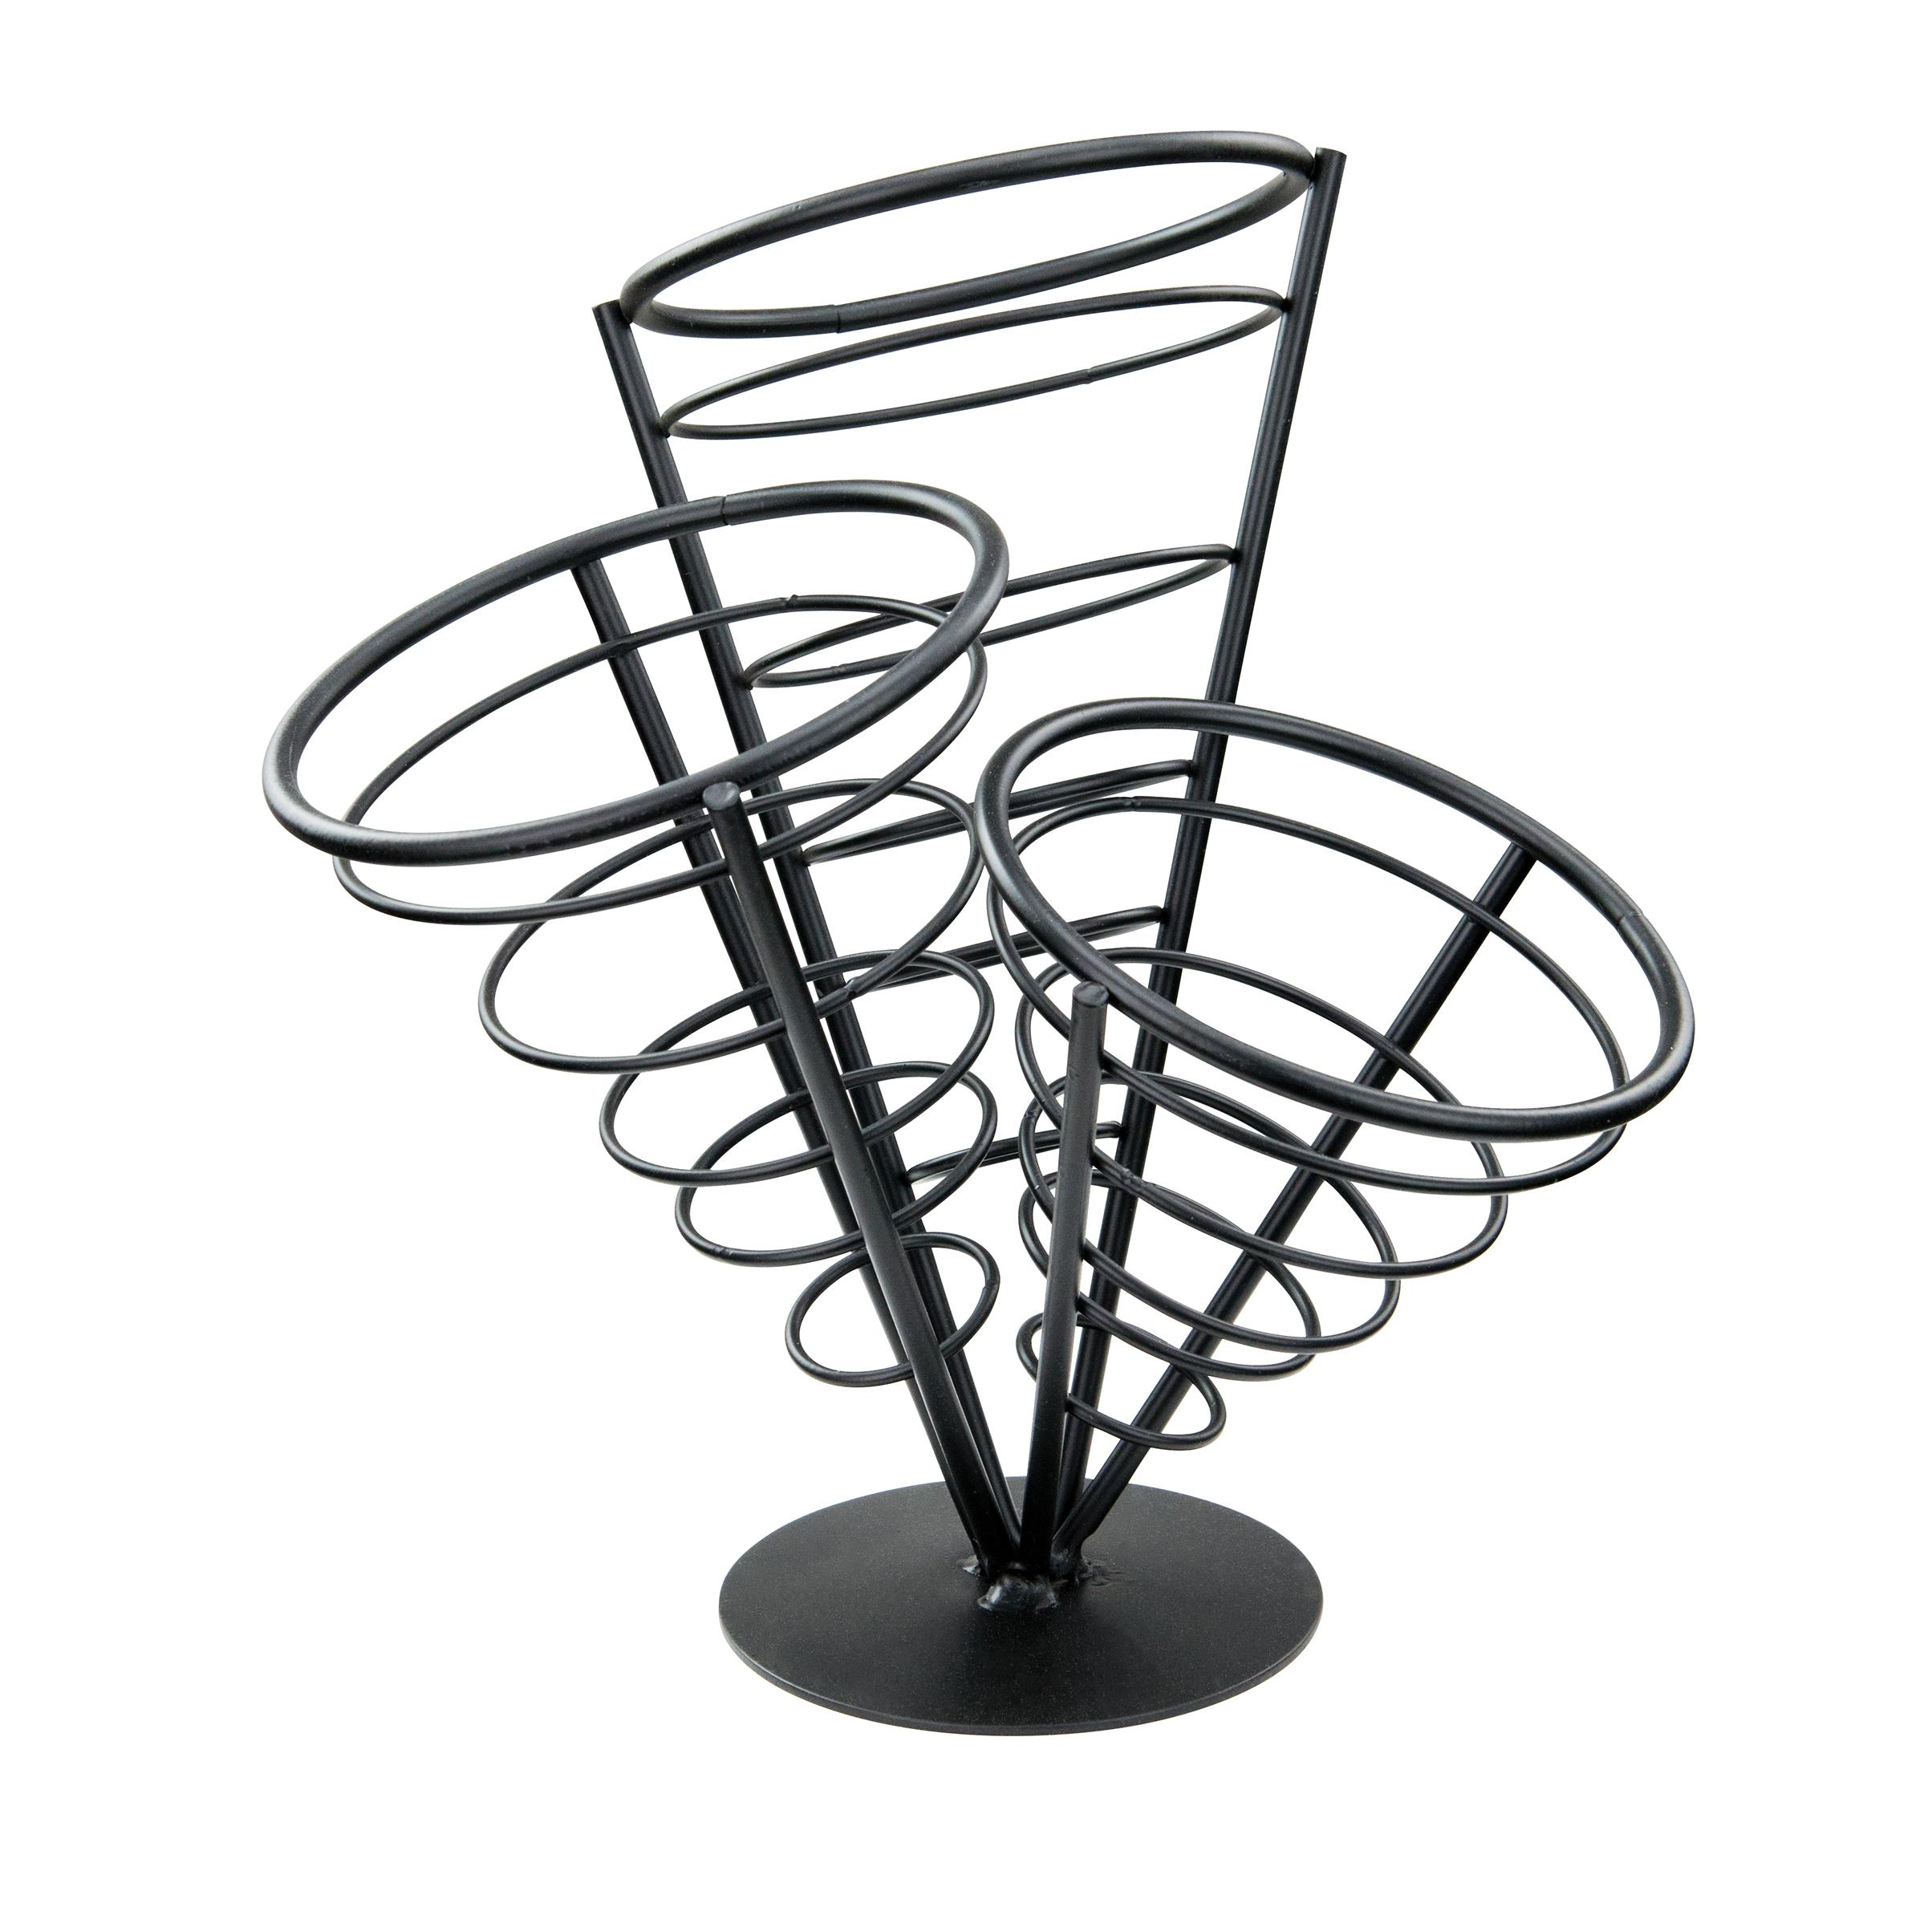 Winco WBKH-10 basket, tabletop, metal